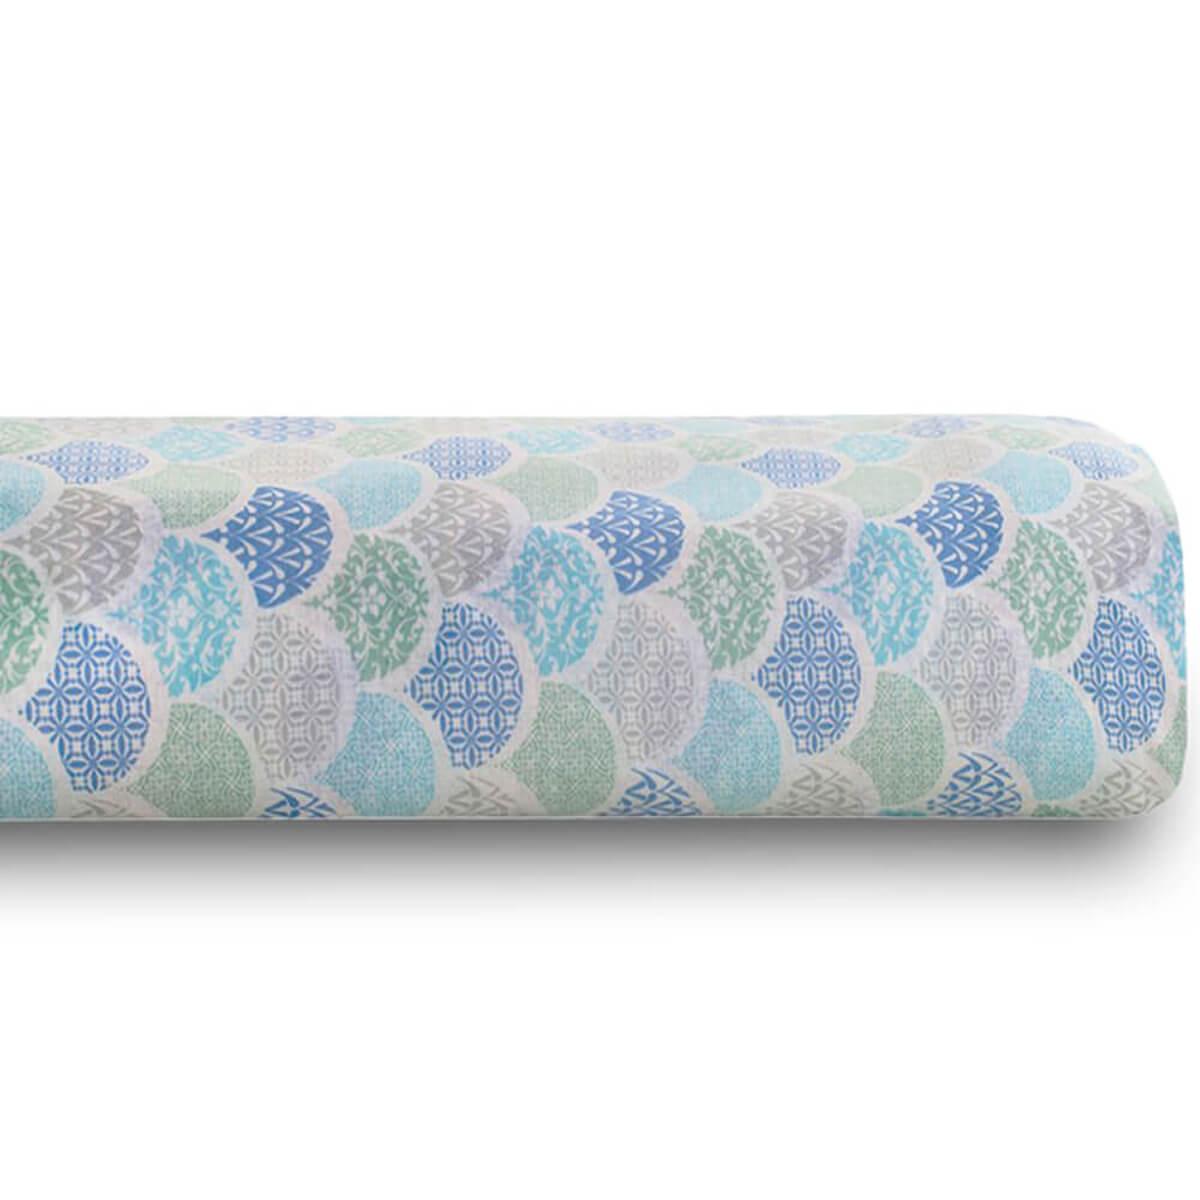 Lençol Casal Avulso 100% Algodão Royal Estampado Deco Azul